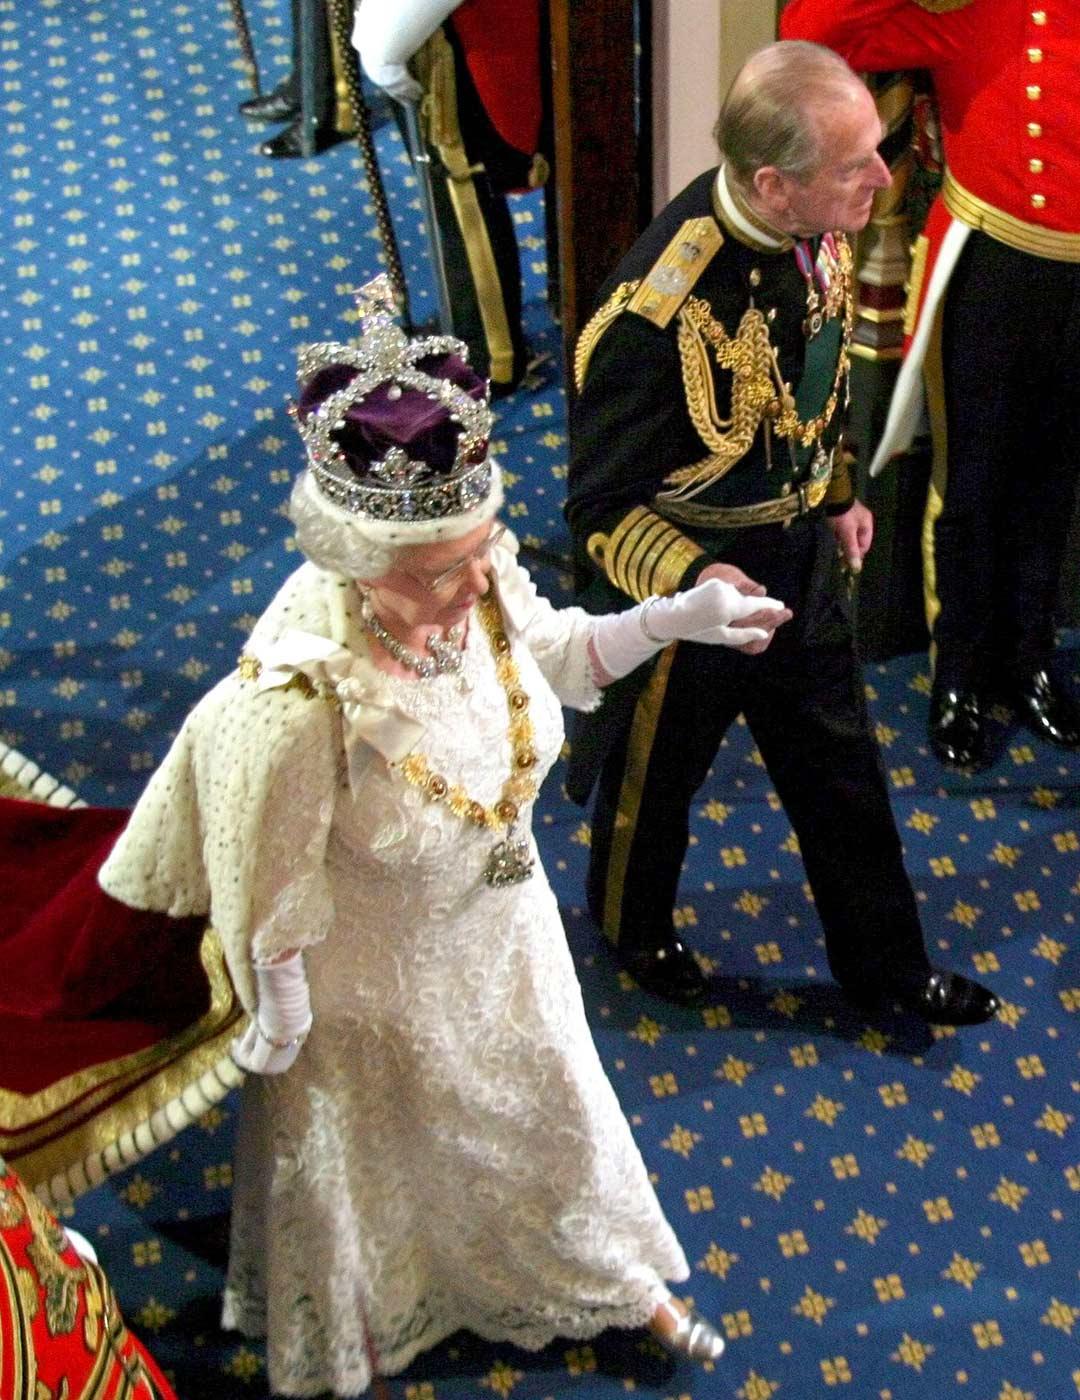 Edinburghin herttuan prinssi Philipin tärkeimpiä tehtäviä on tukea vaimoaan tämän vaativassa tehtävässä. Kuva parlamentin avajaisissa marraskuussa 2003.